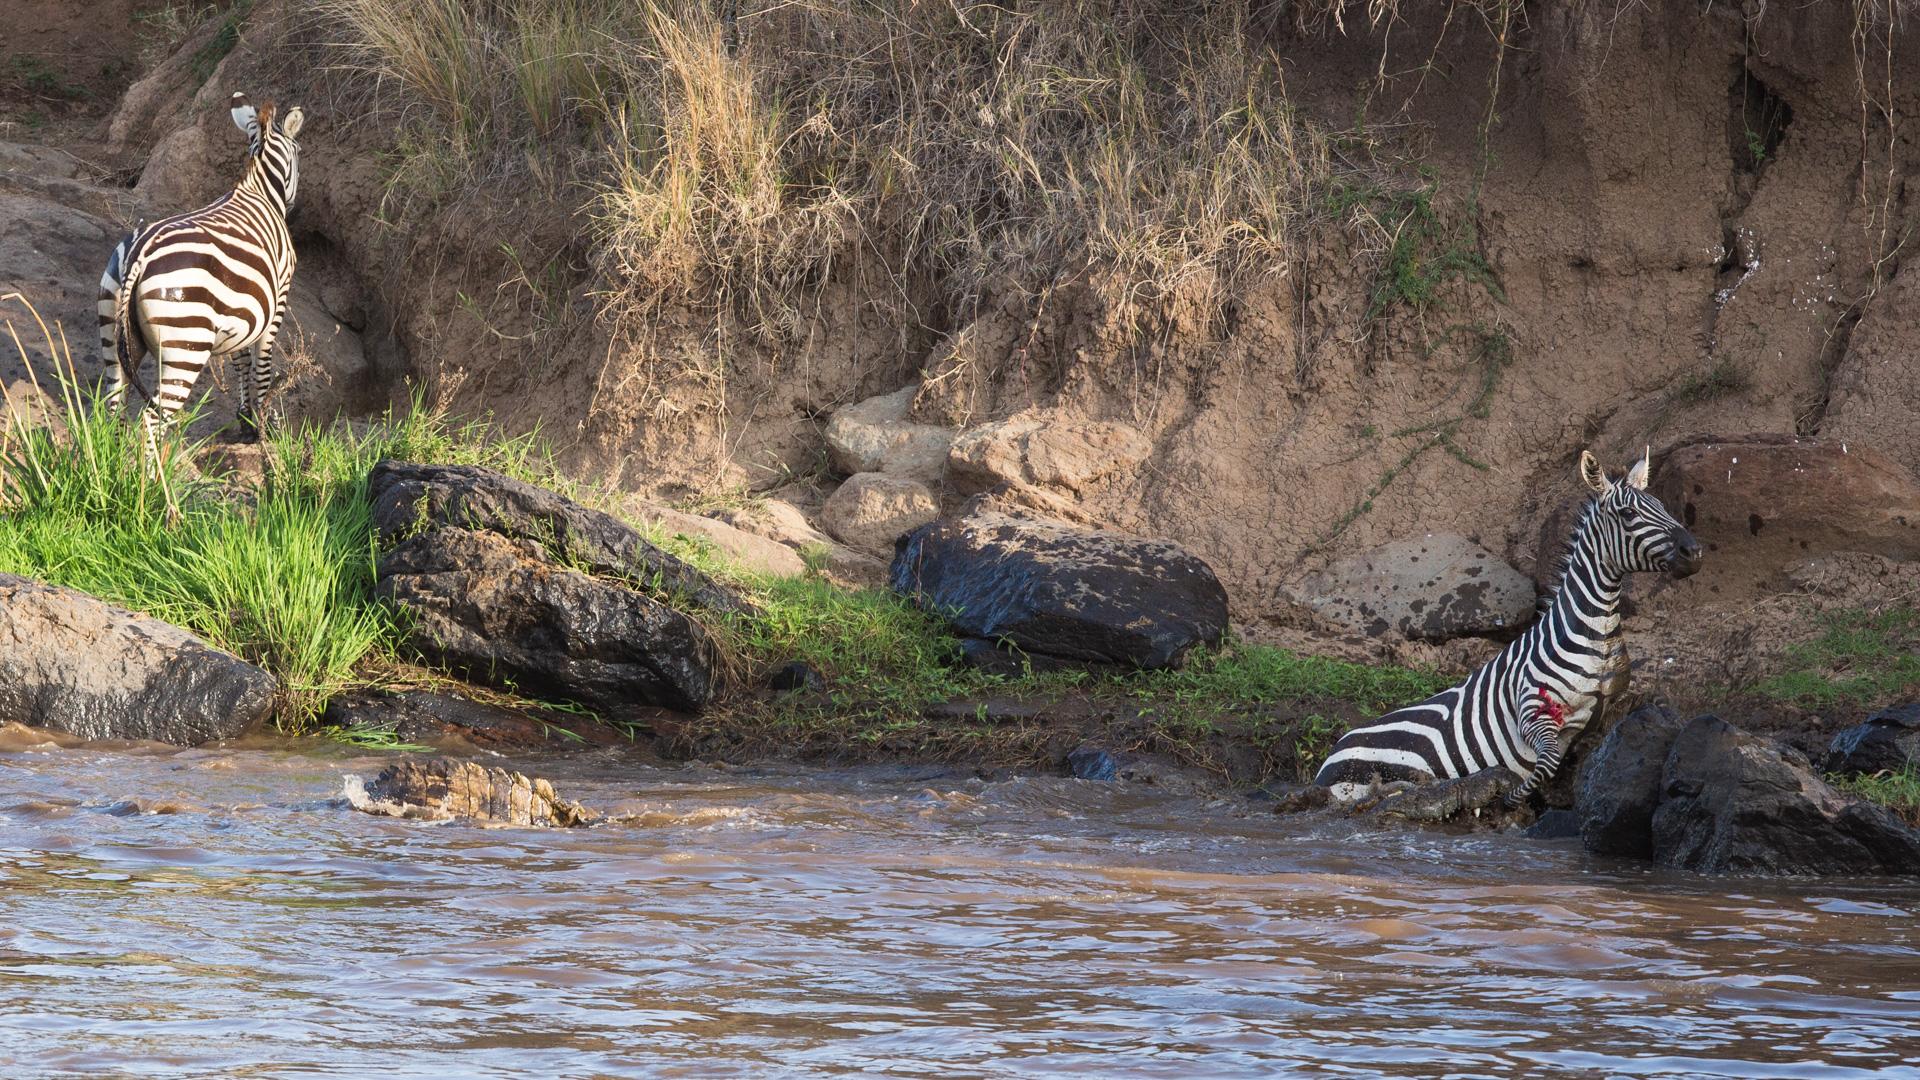 Zebras escaping